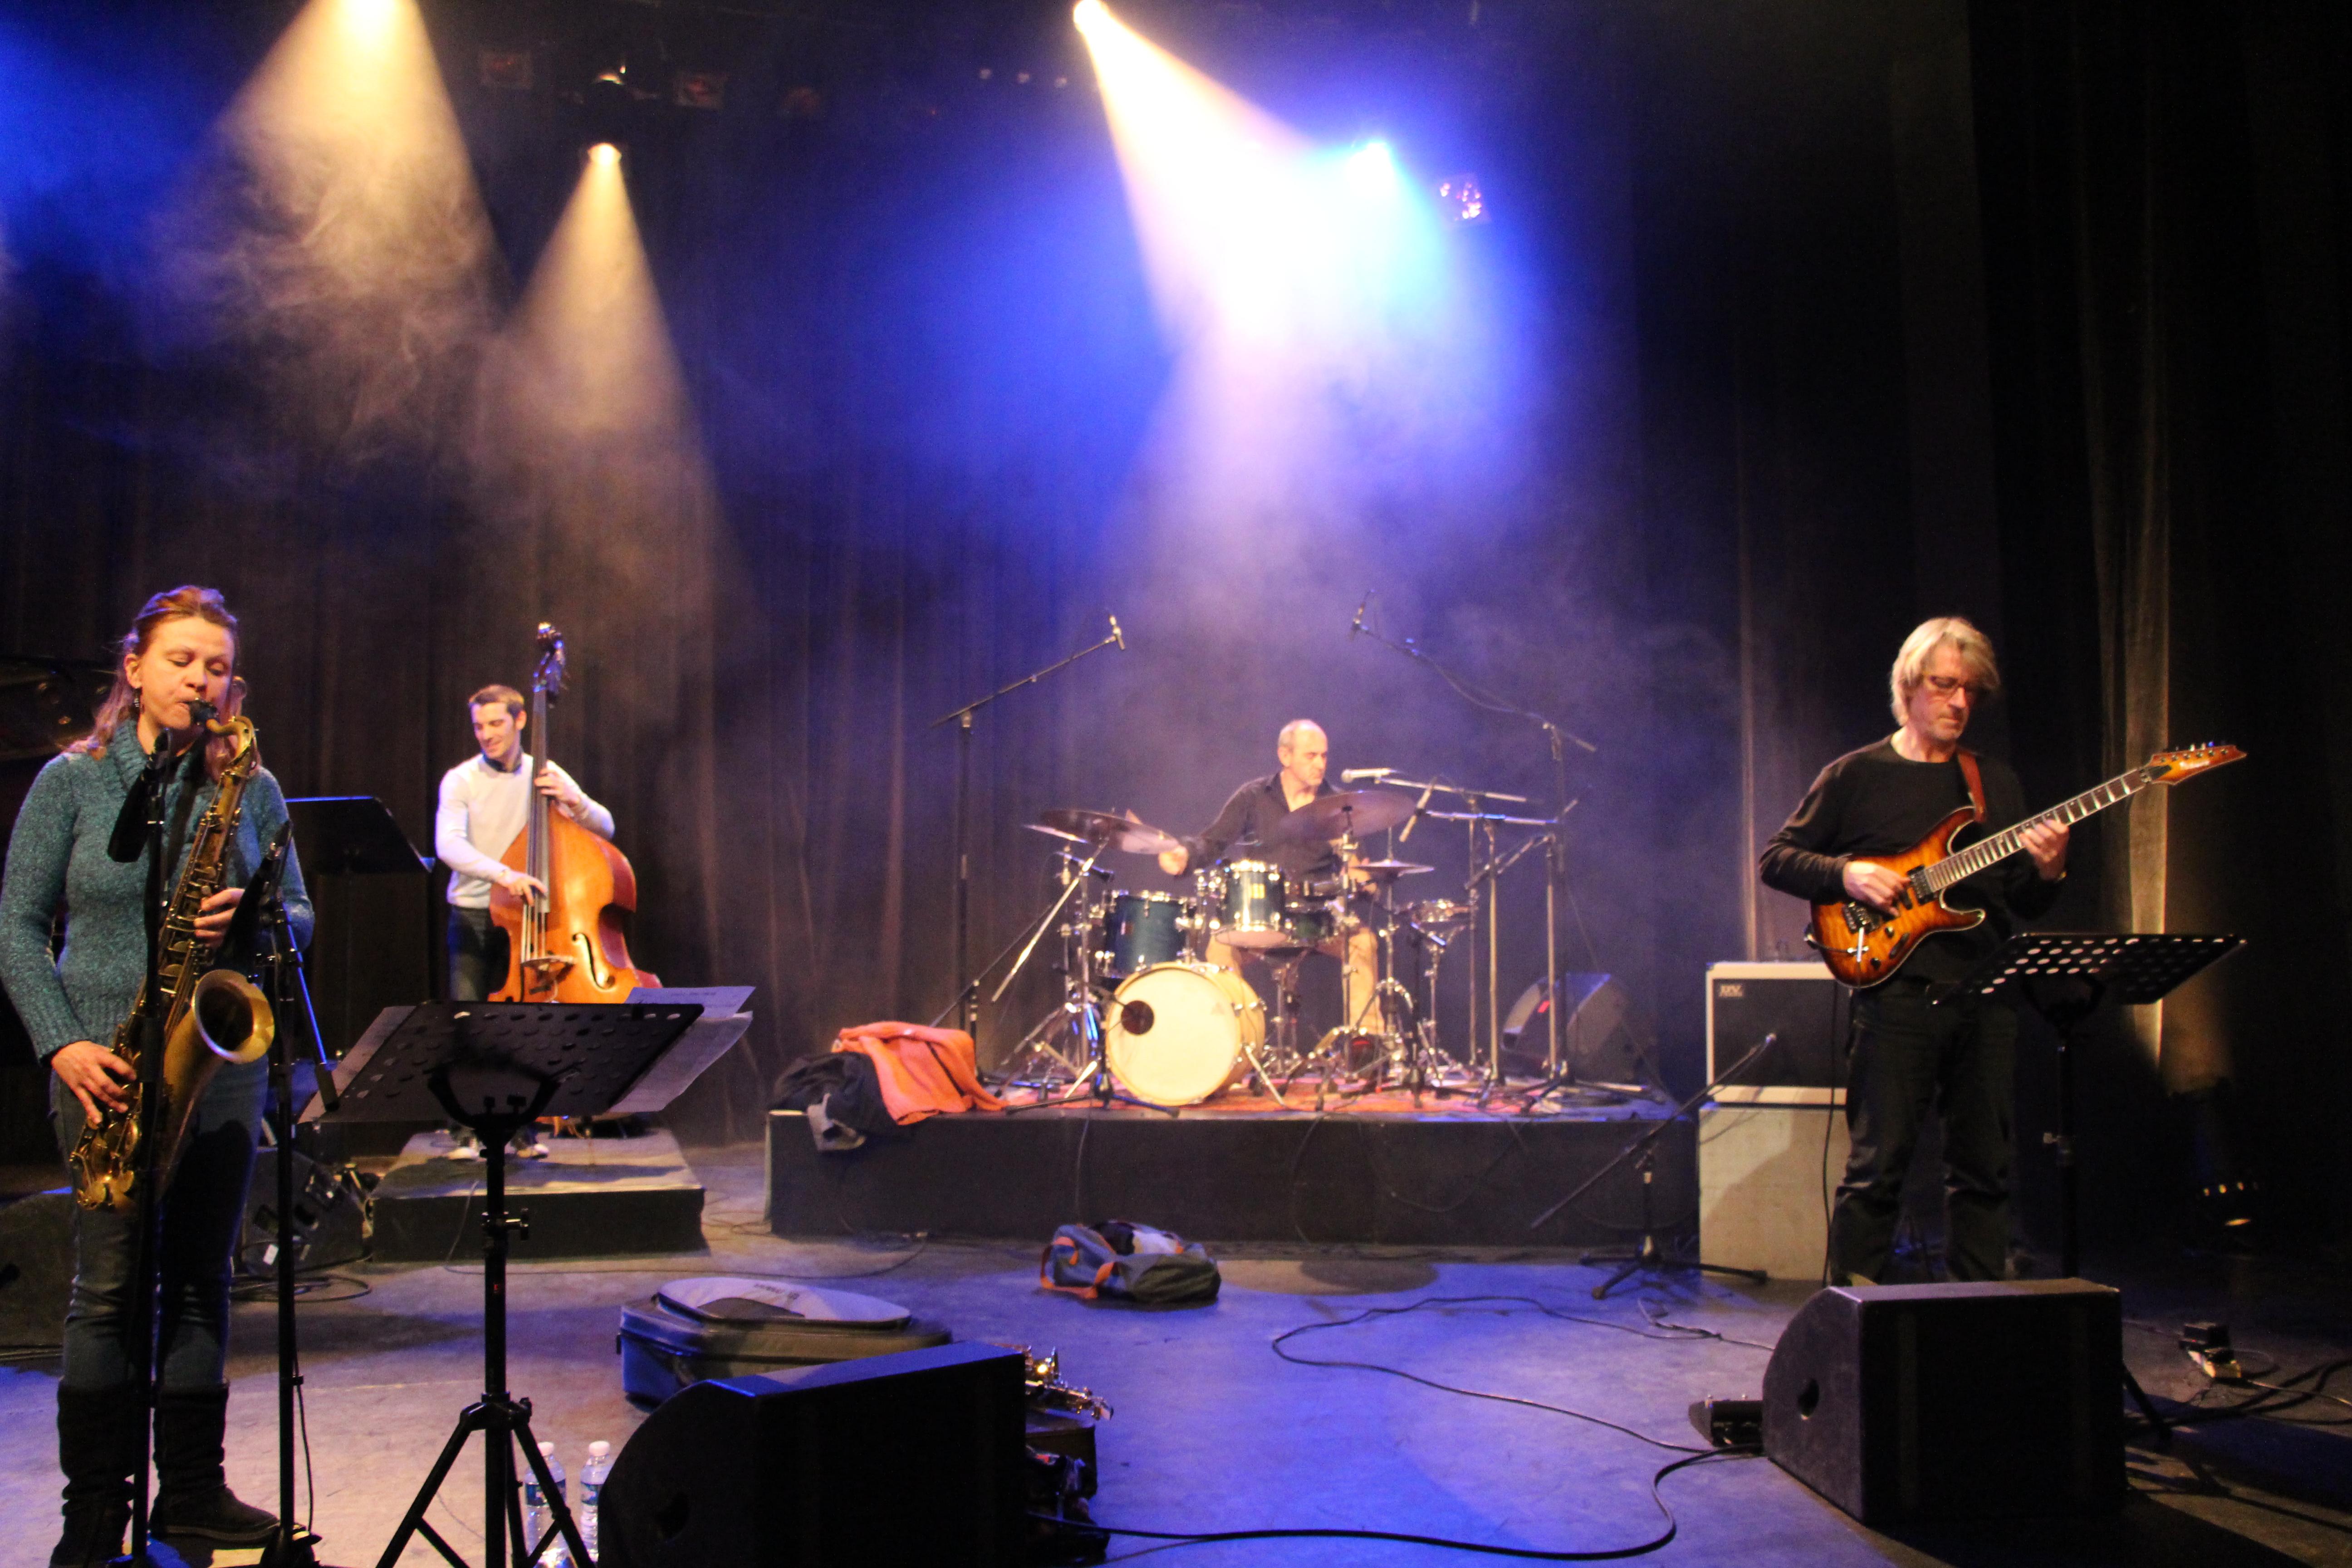 concert Place des Arts